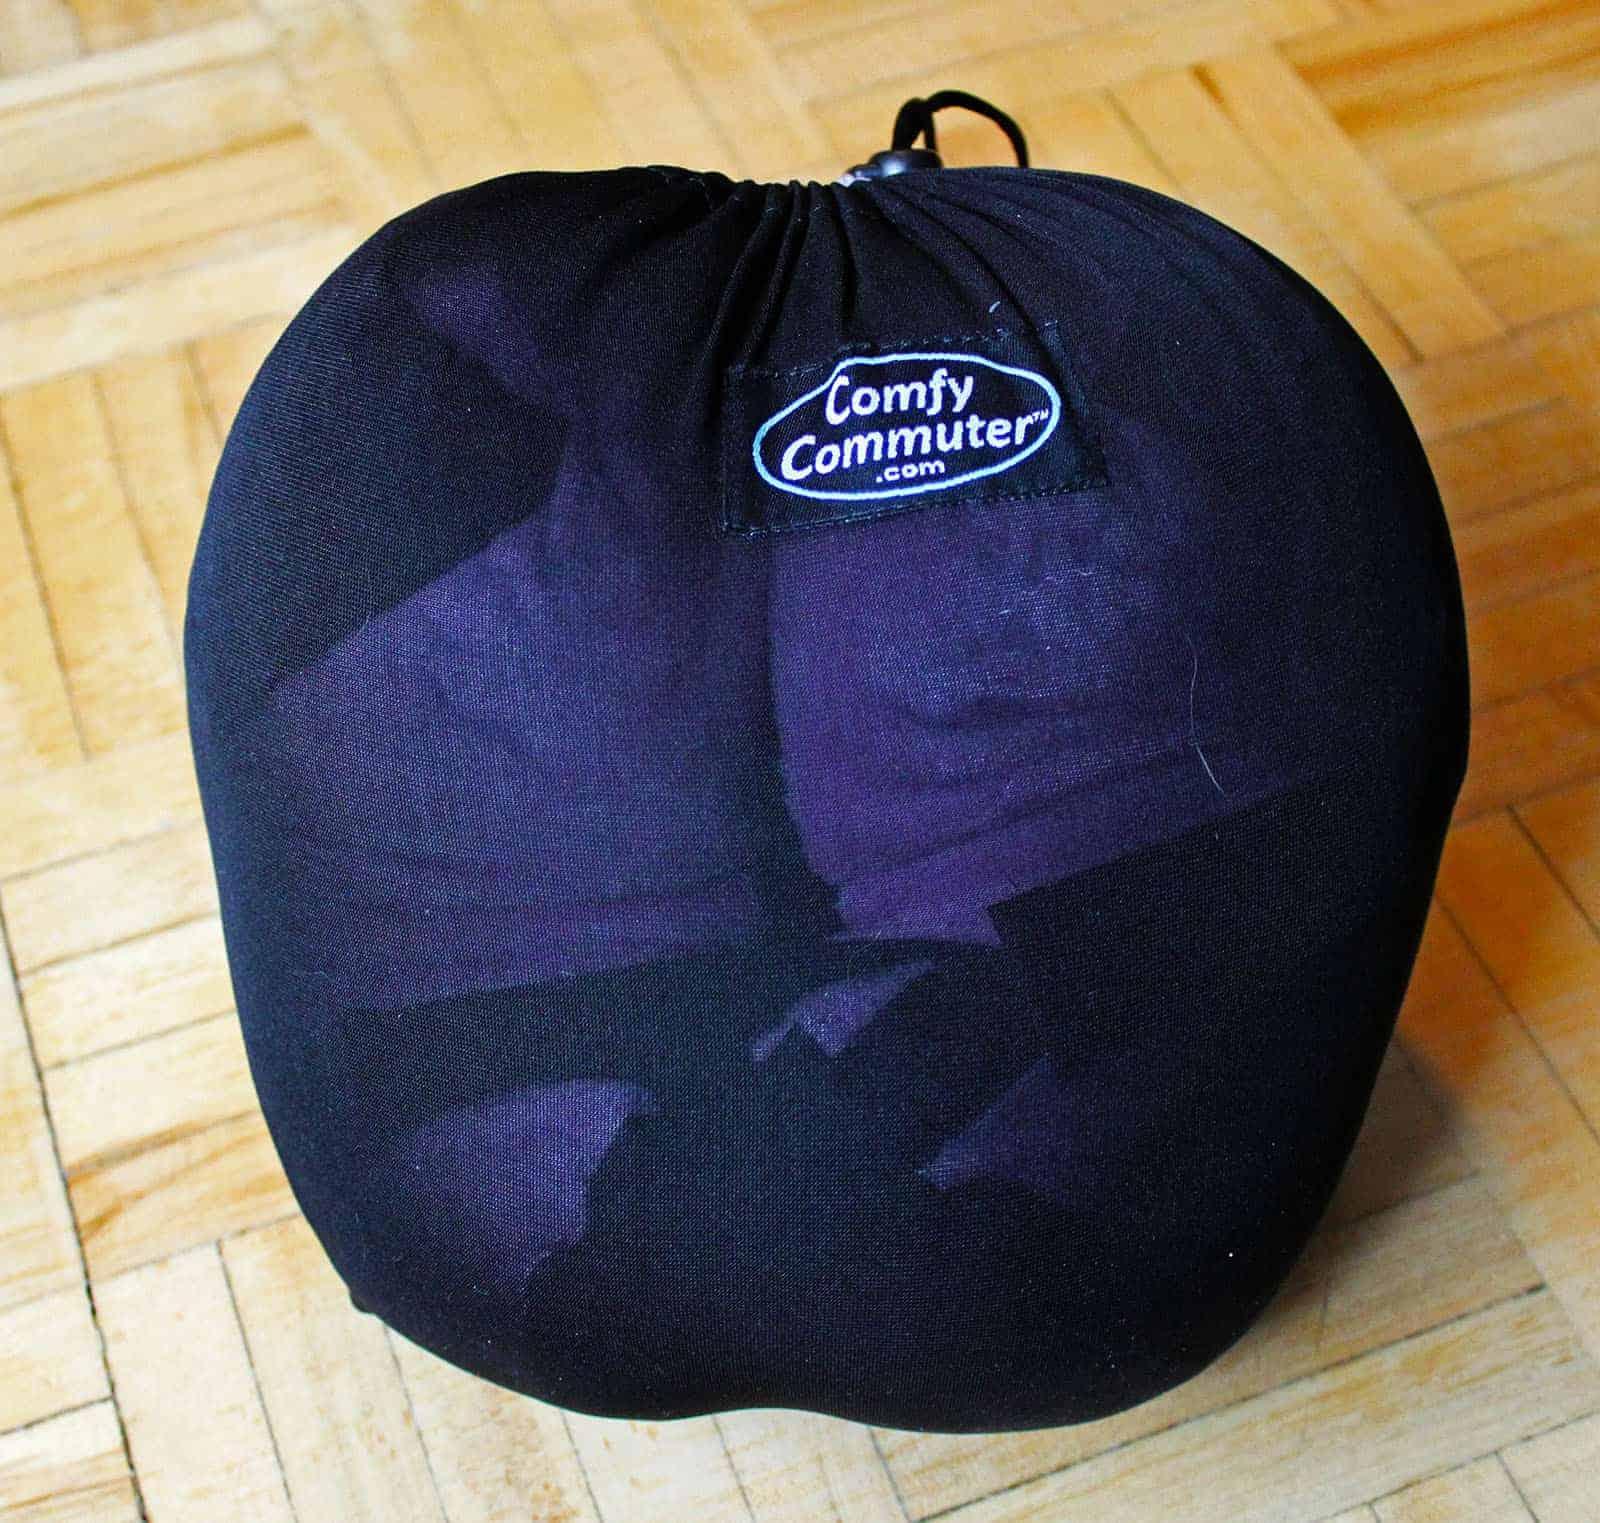 Comfy Commuter Travel Pillow